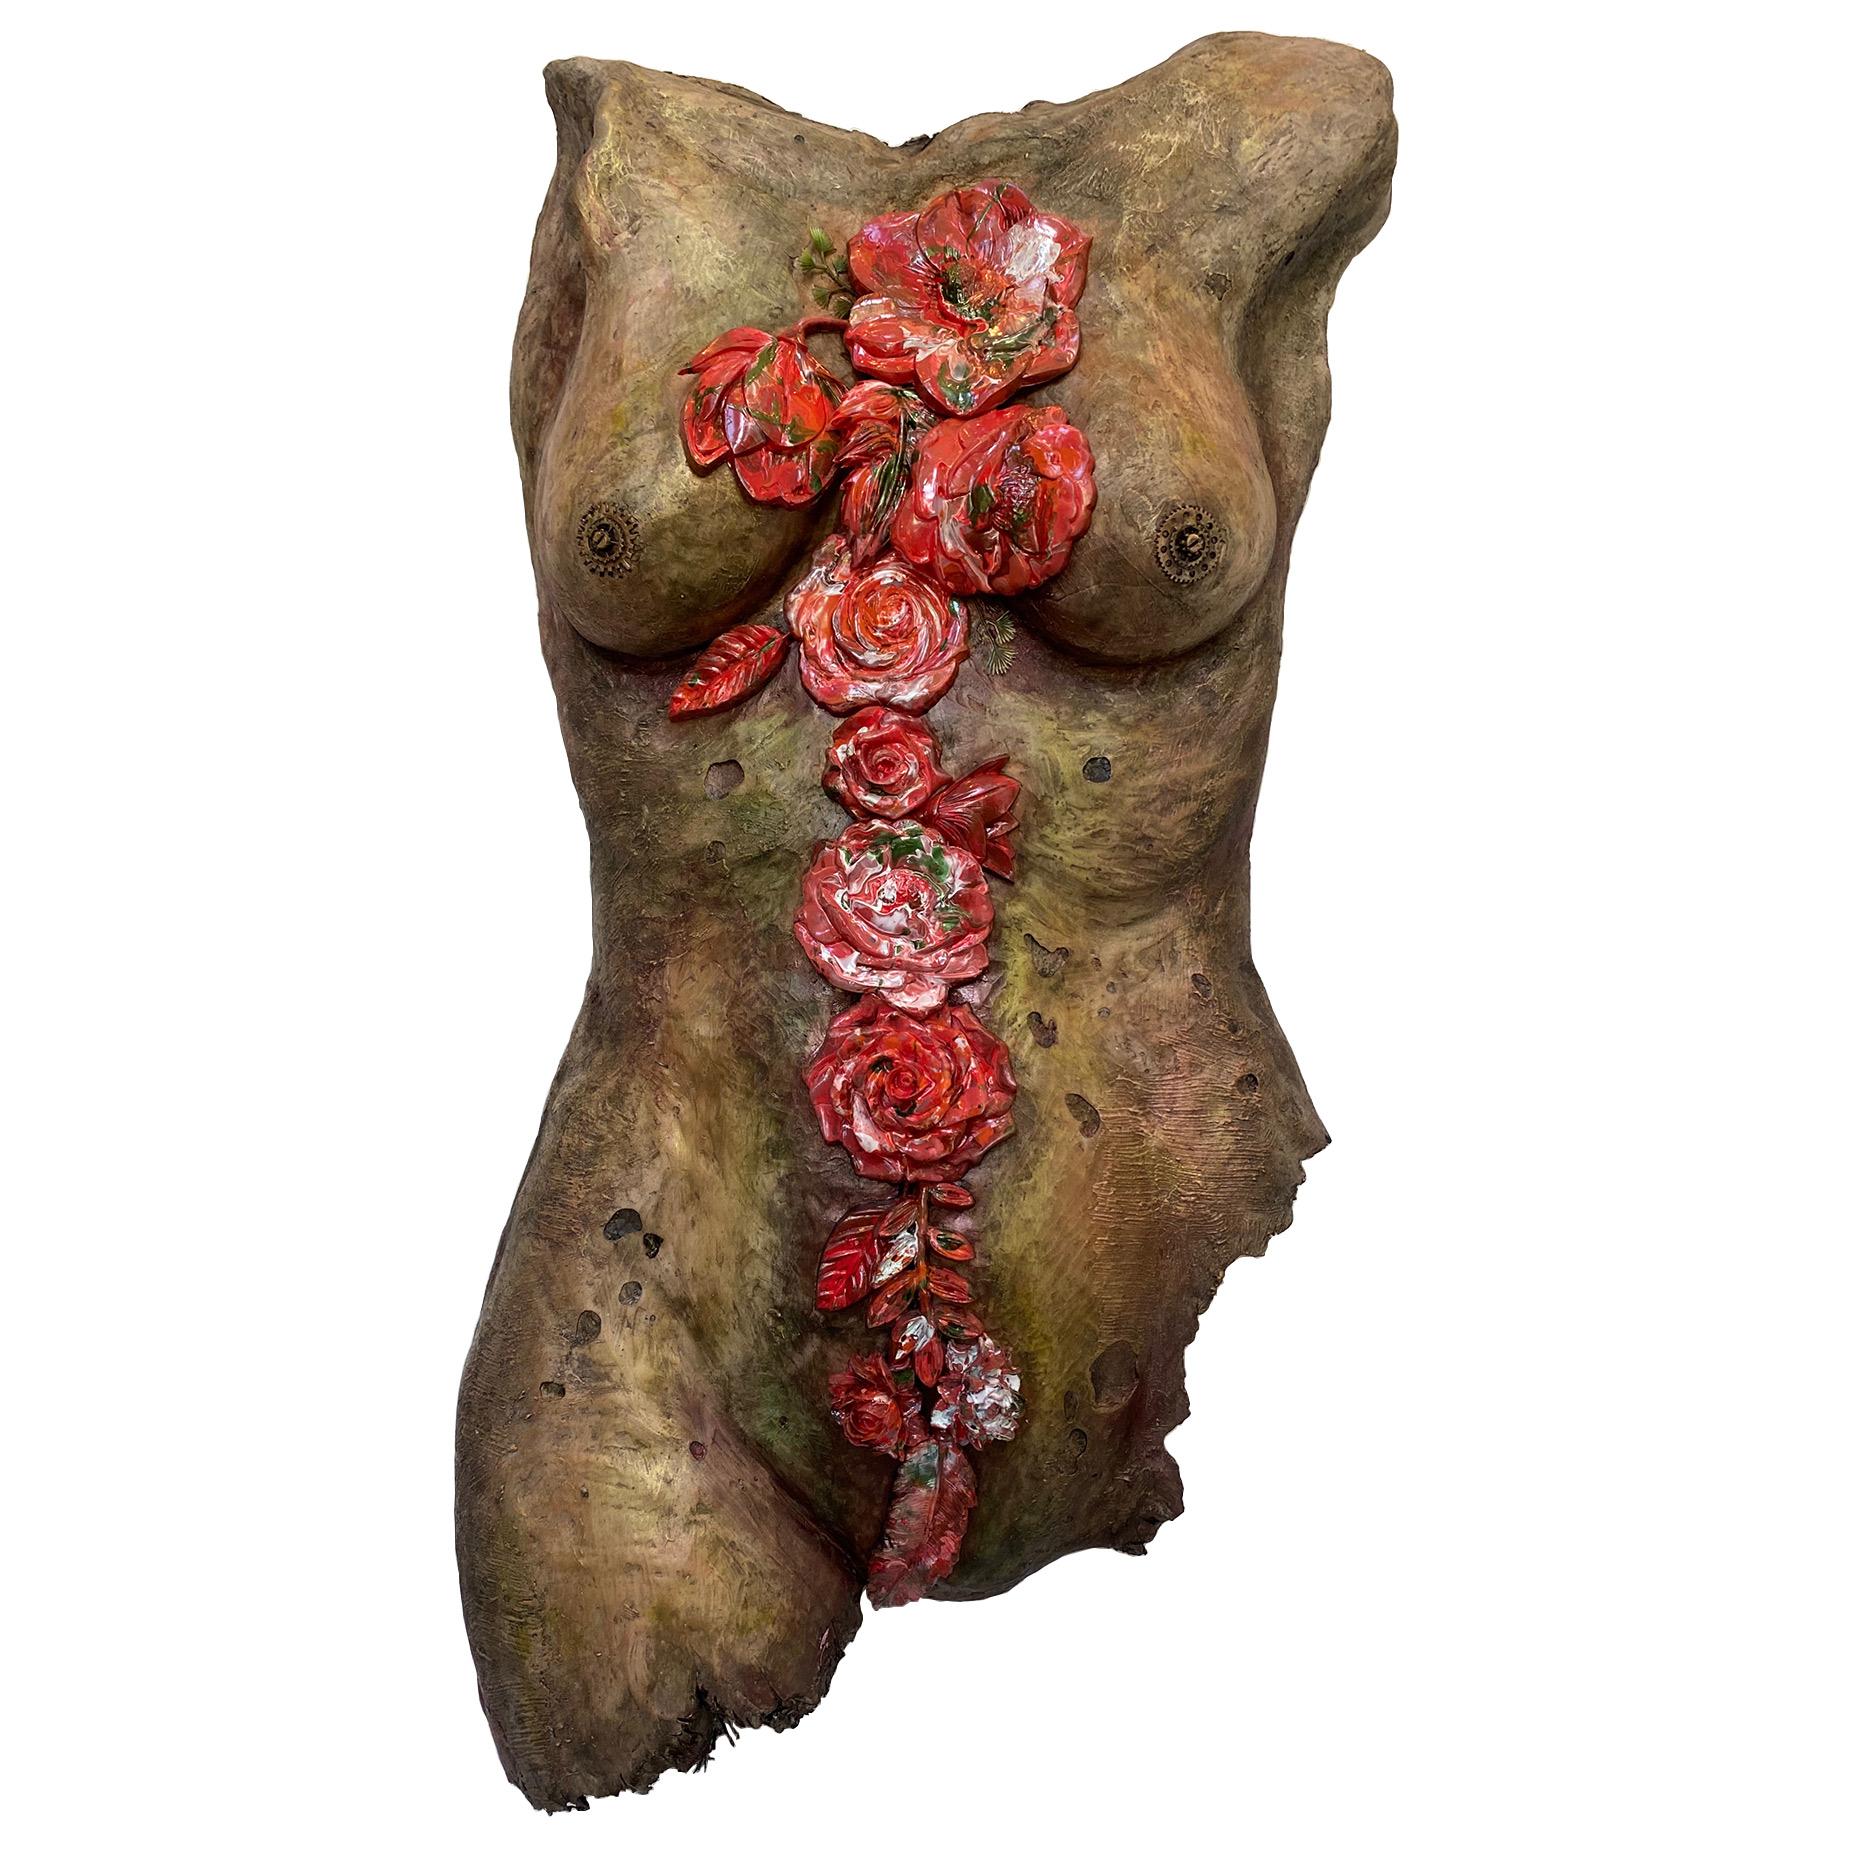 Figurative Art Sculpture, Bruised Not Broken